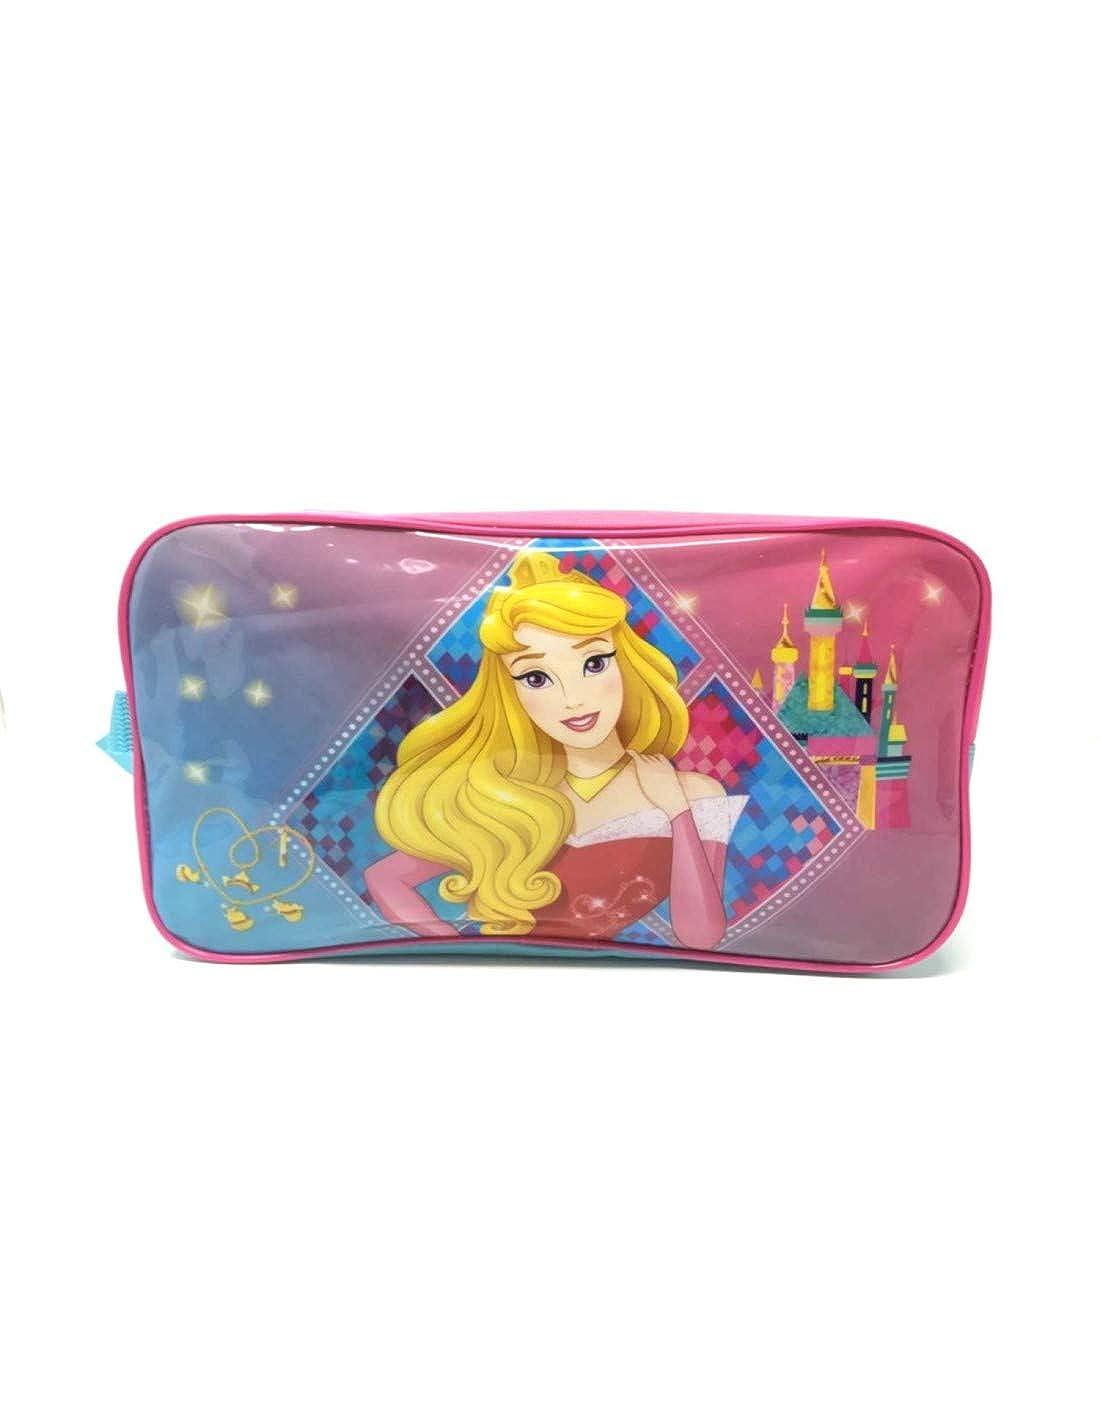 Trousse de toilette enfant fille Disney Princesse Aurore Rose//bleu 28x17x9cm